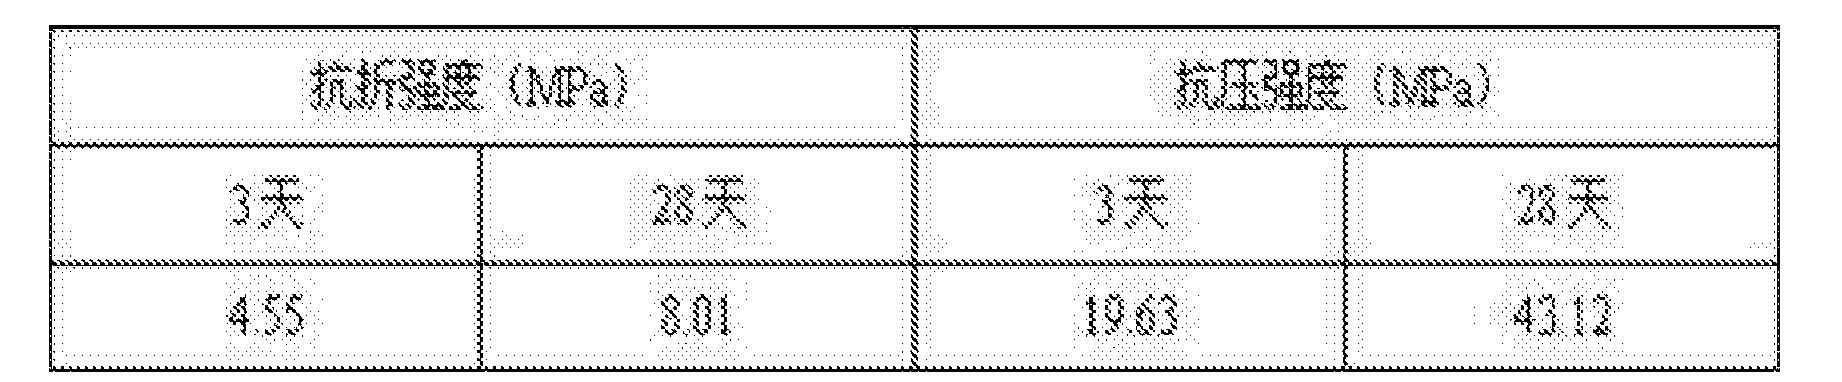 Figure CN104355558BD00073